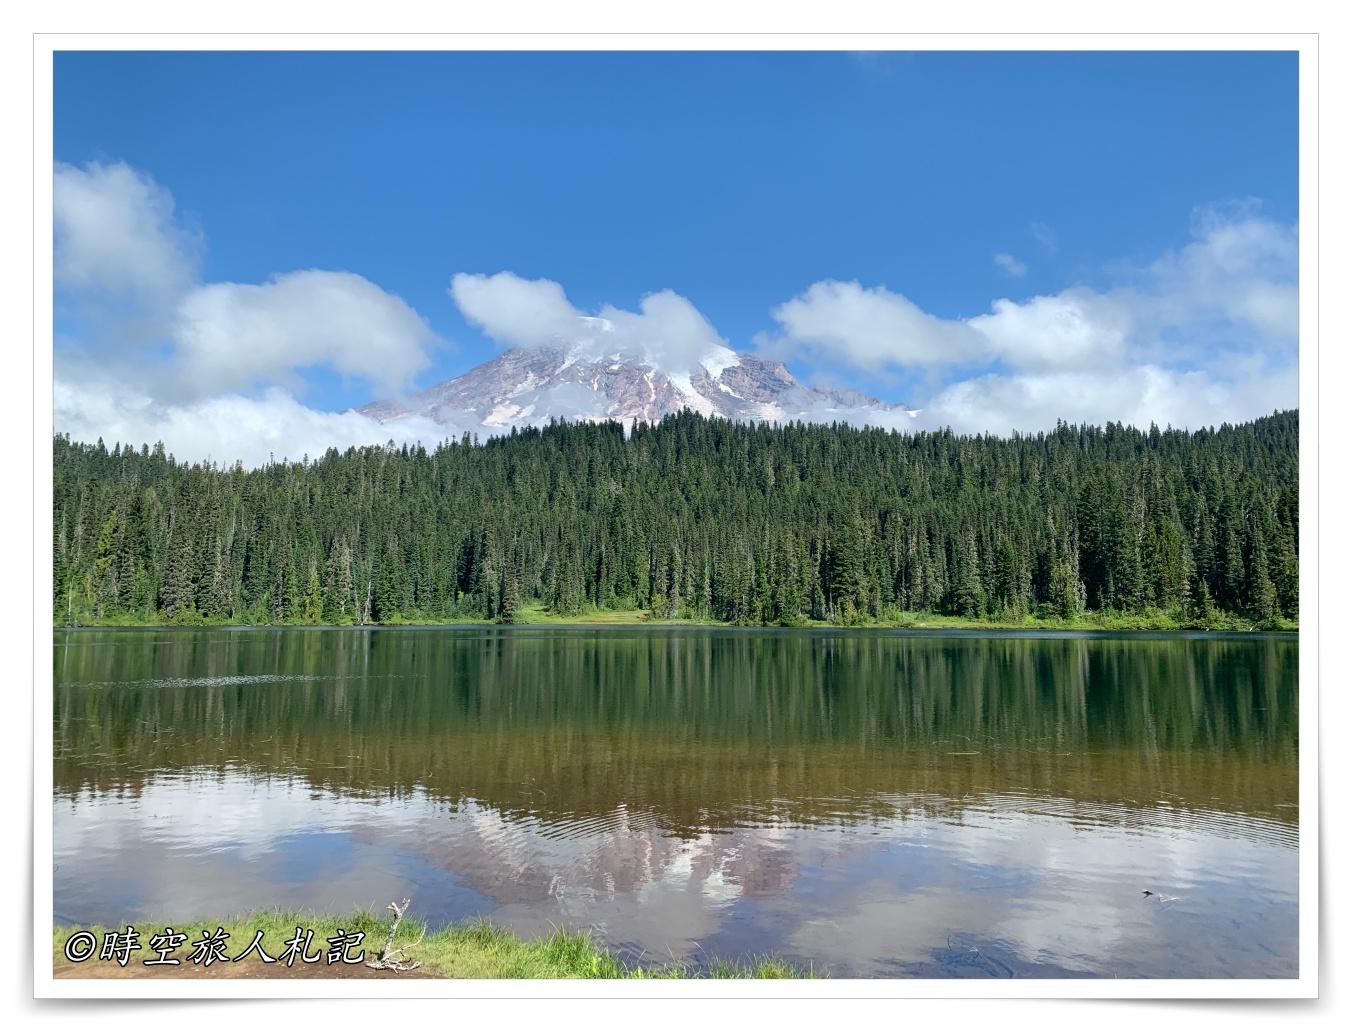 雷尼爾山國家公園Mt Rainier National Park 3日遊 Day 3: Mt Rainier Ohanapecosh Area、Longmire Area